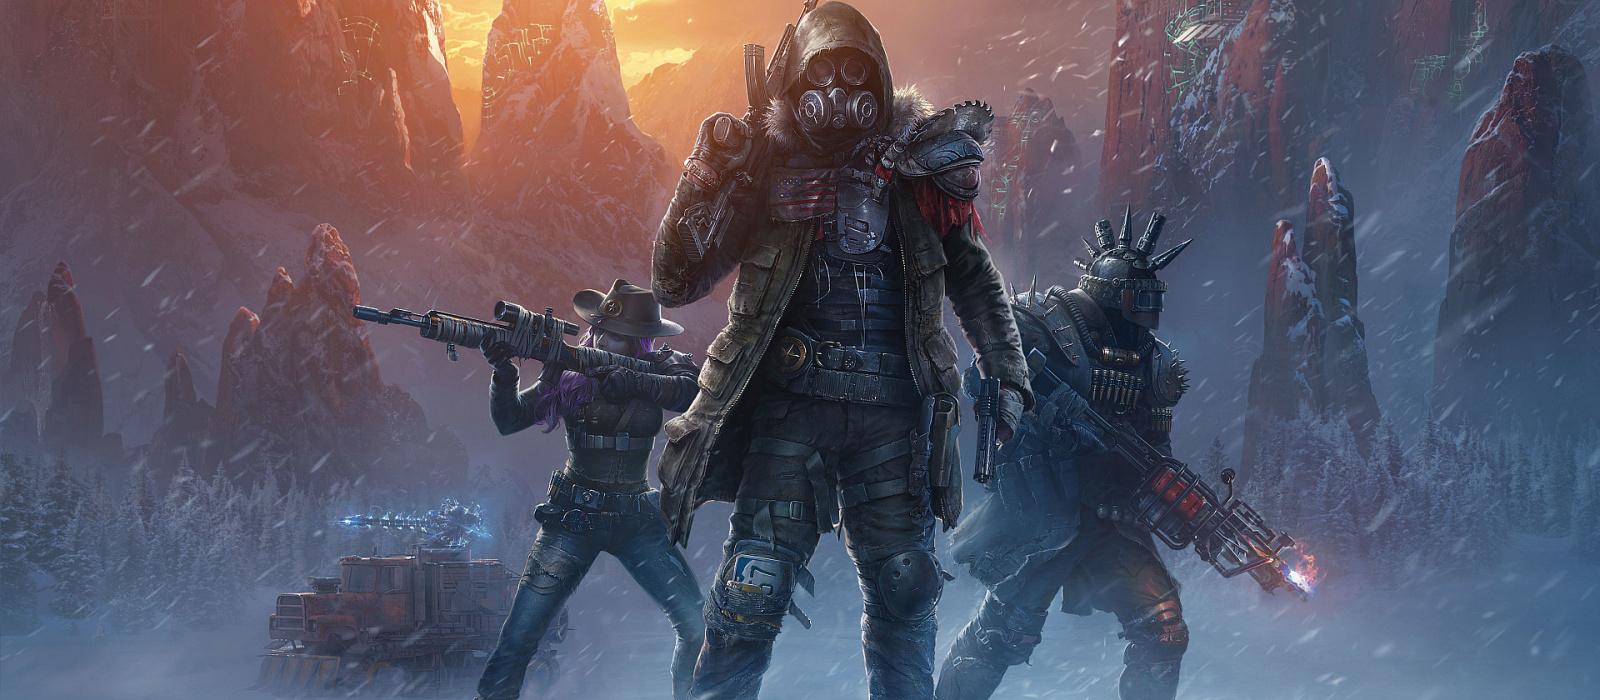 Ein Insider hat den Namen eines neuen Spiels von den Machern von Wasteland 3 enthüllt. Es wird ein Rollenspiel, das in einer Steampunk-Welt spielt